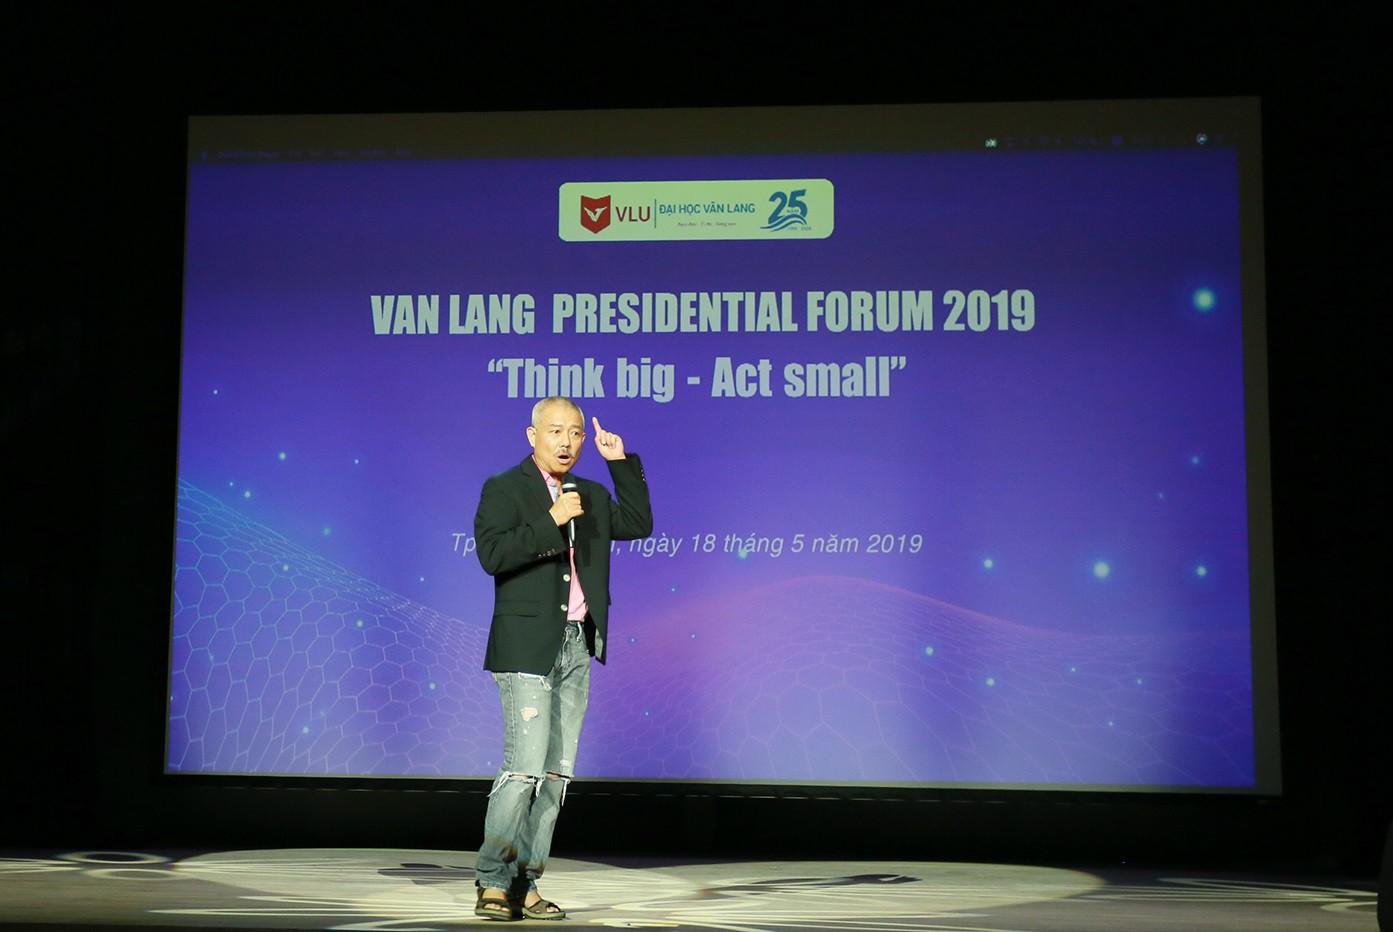 Diễn đàn VanLang Presidential Forum 2019: Giáo sư Trương Nguyện Thành truyền cảm hứng cho sinh viên - Ảnh 2.